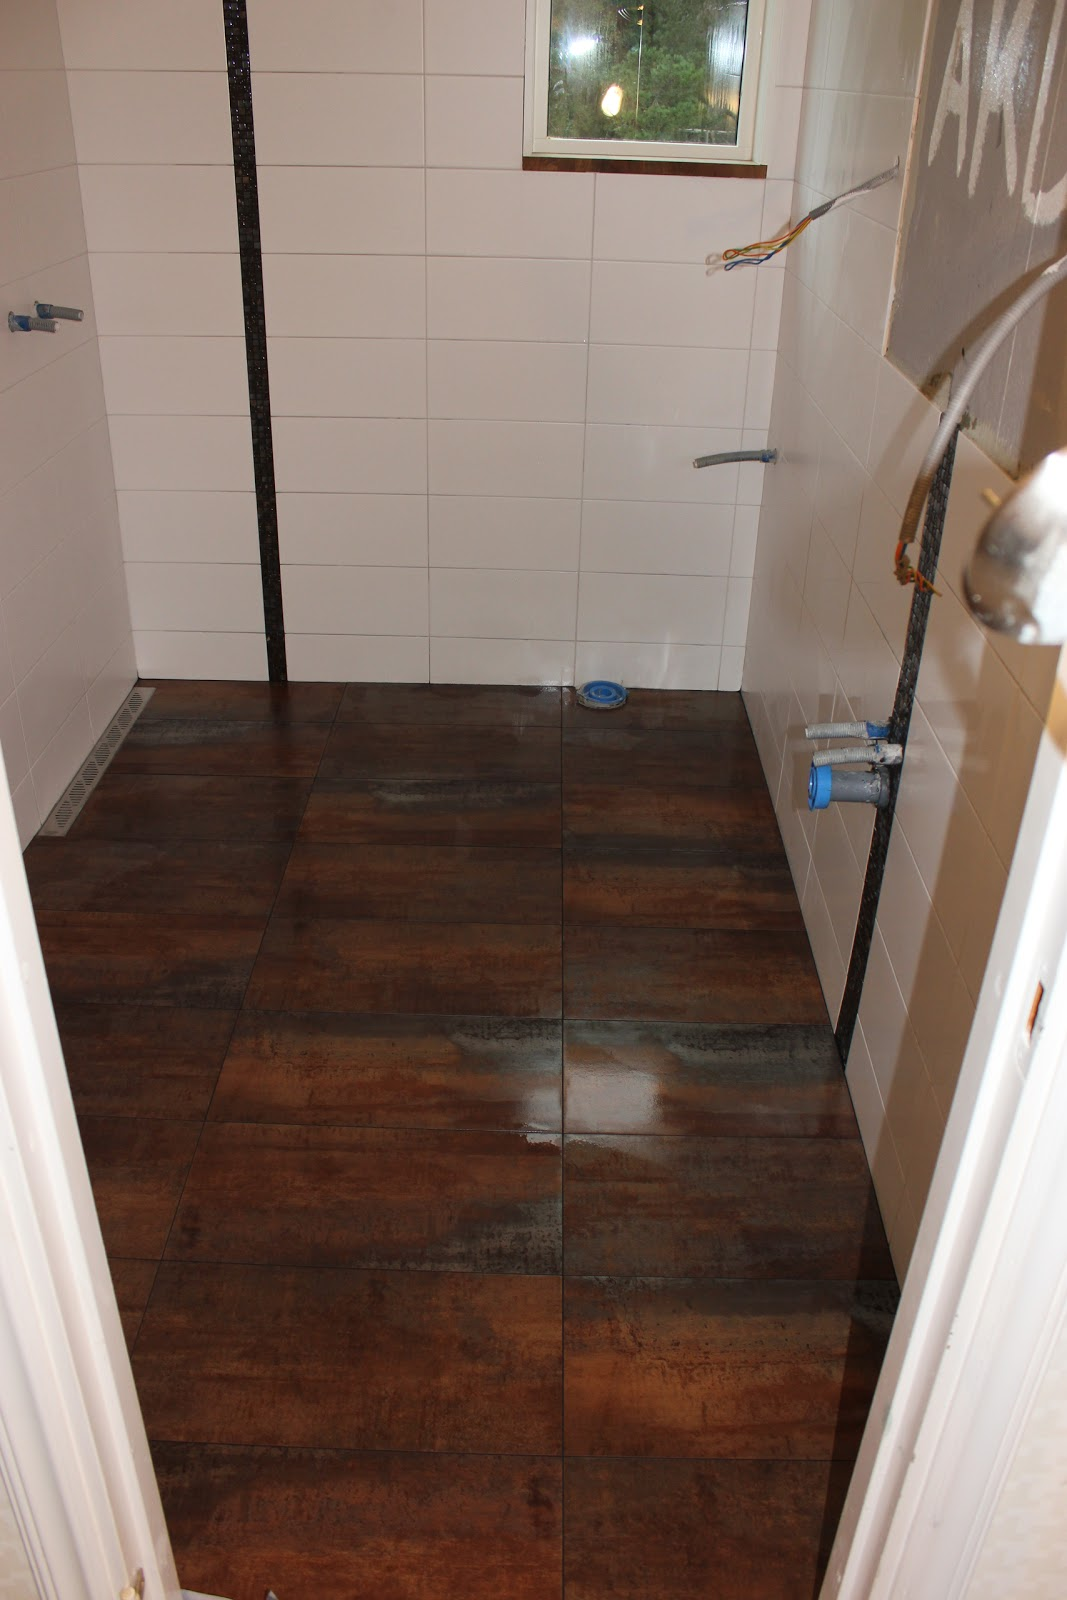 ett badrum blir till: Dag 13 - dusch och fixtur